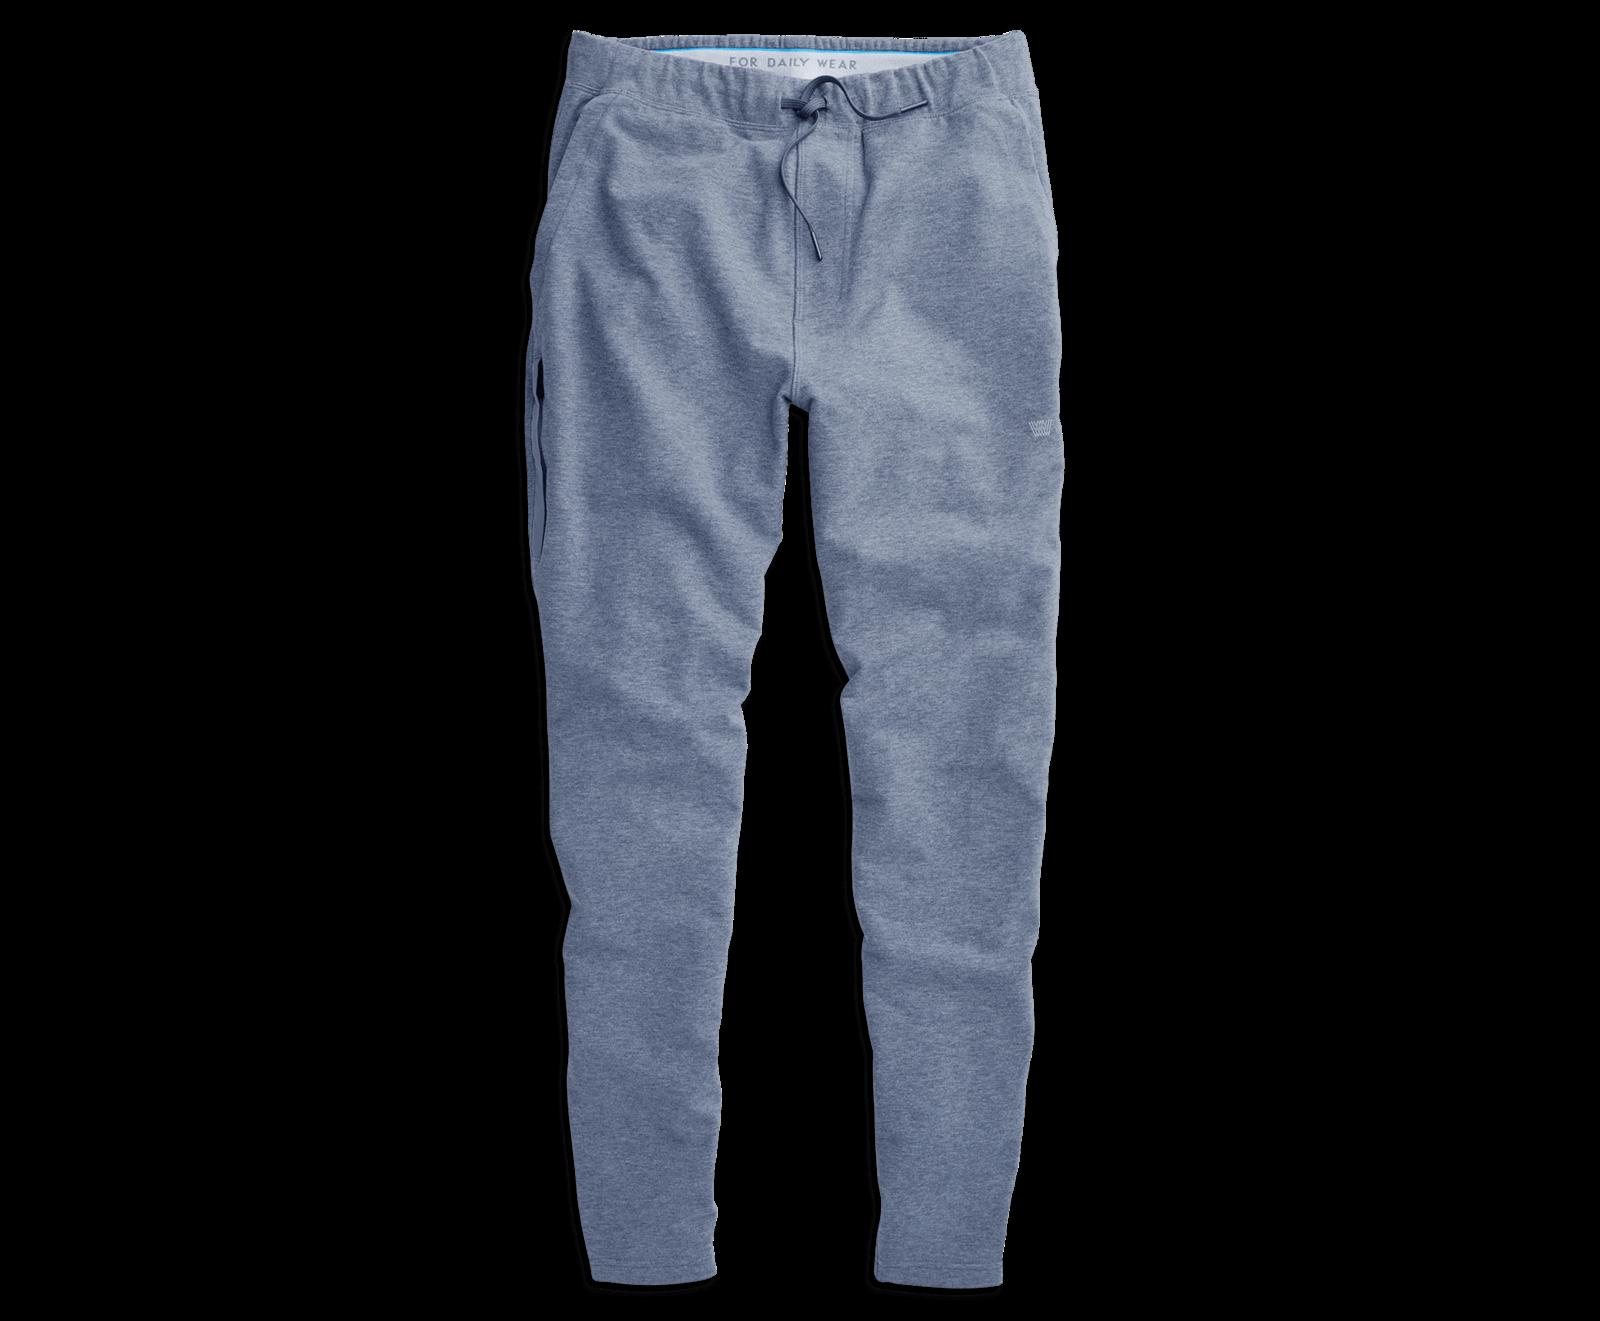 Fancy sweat pants